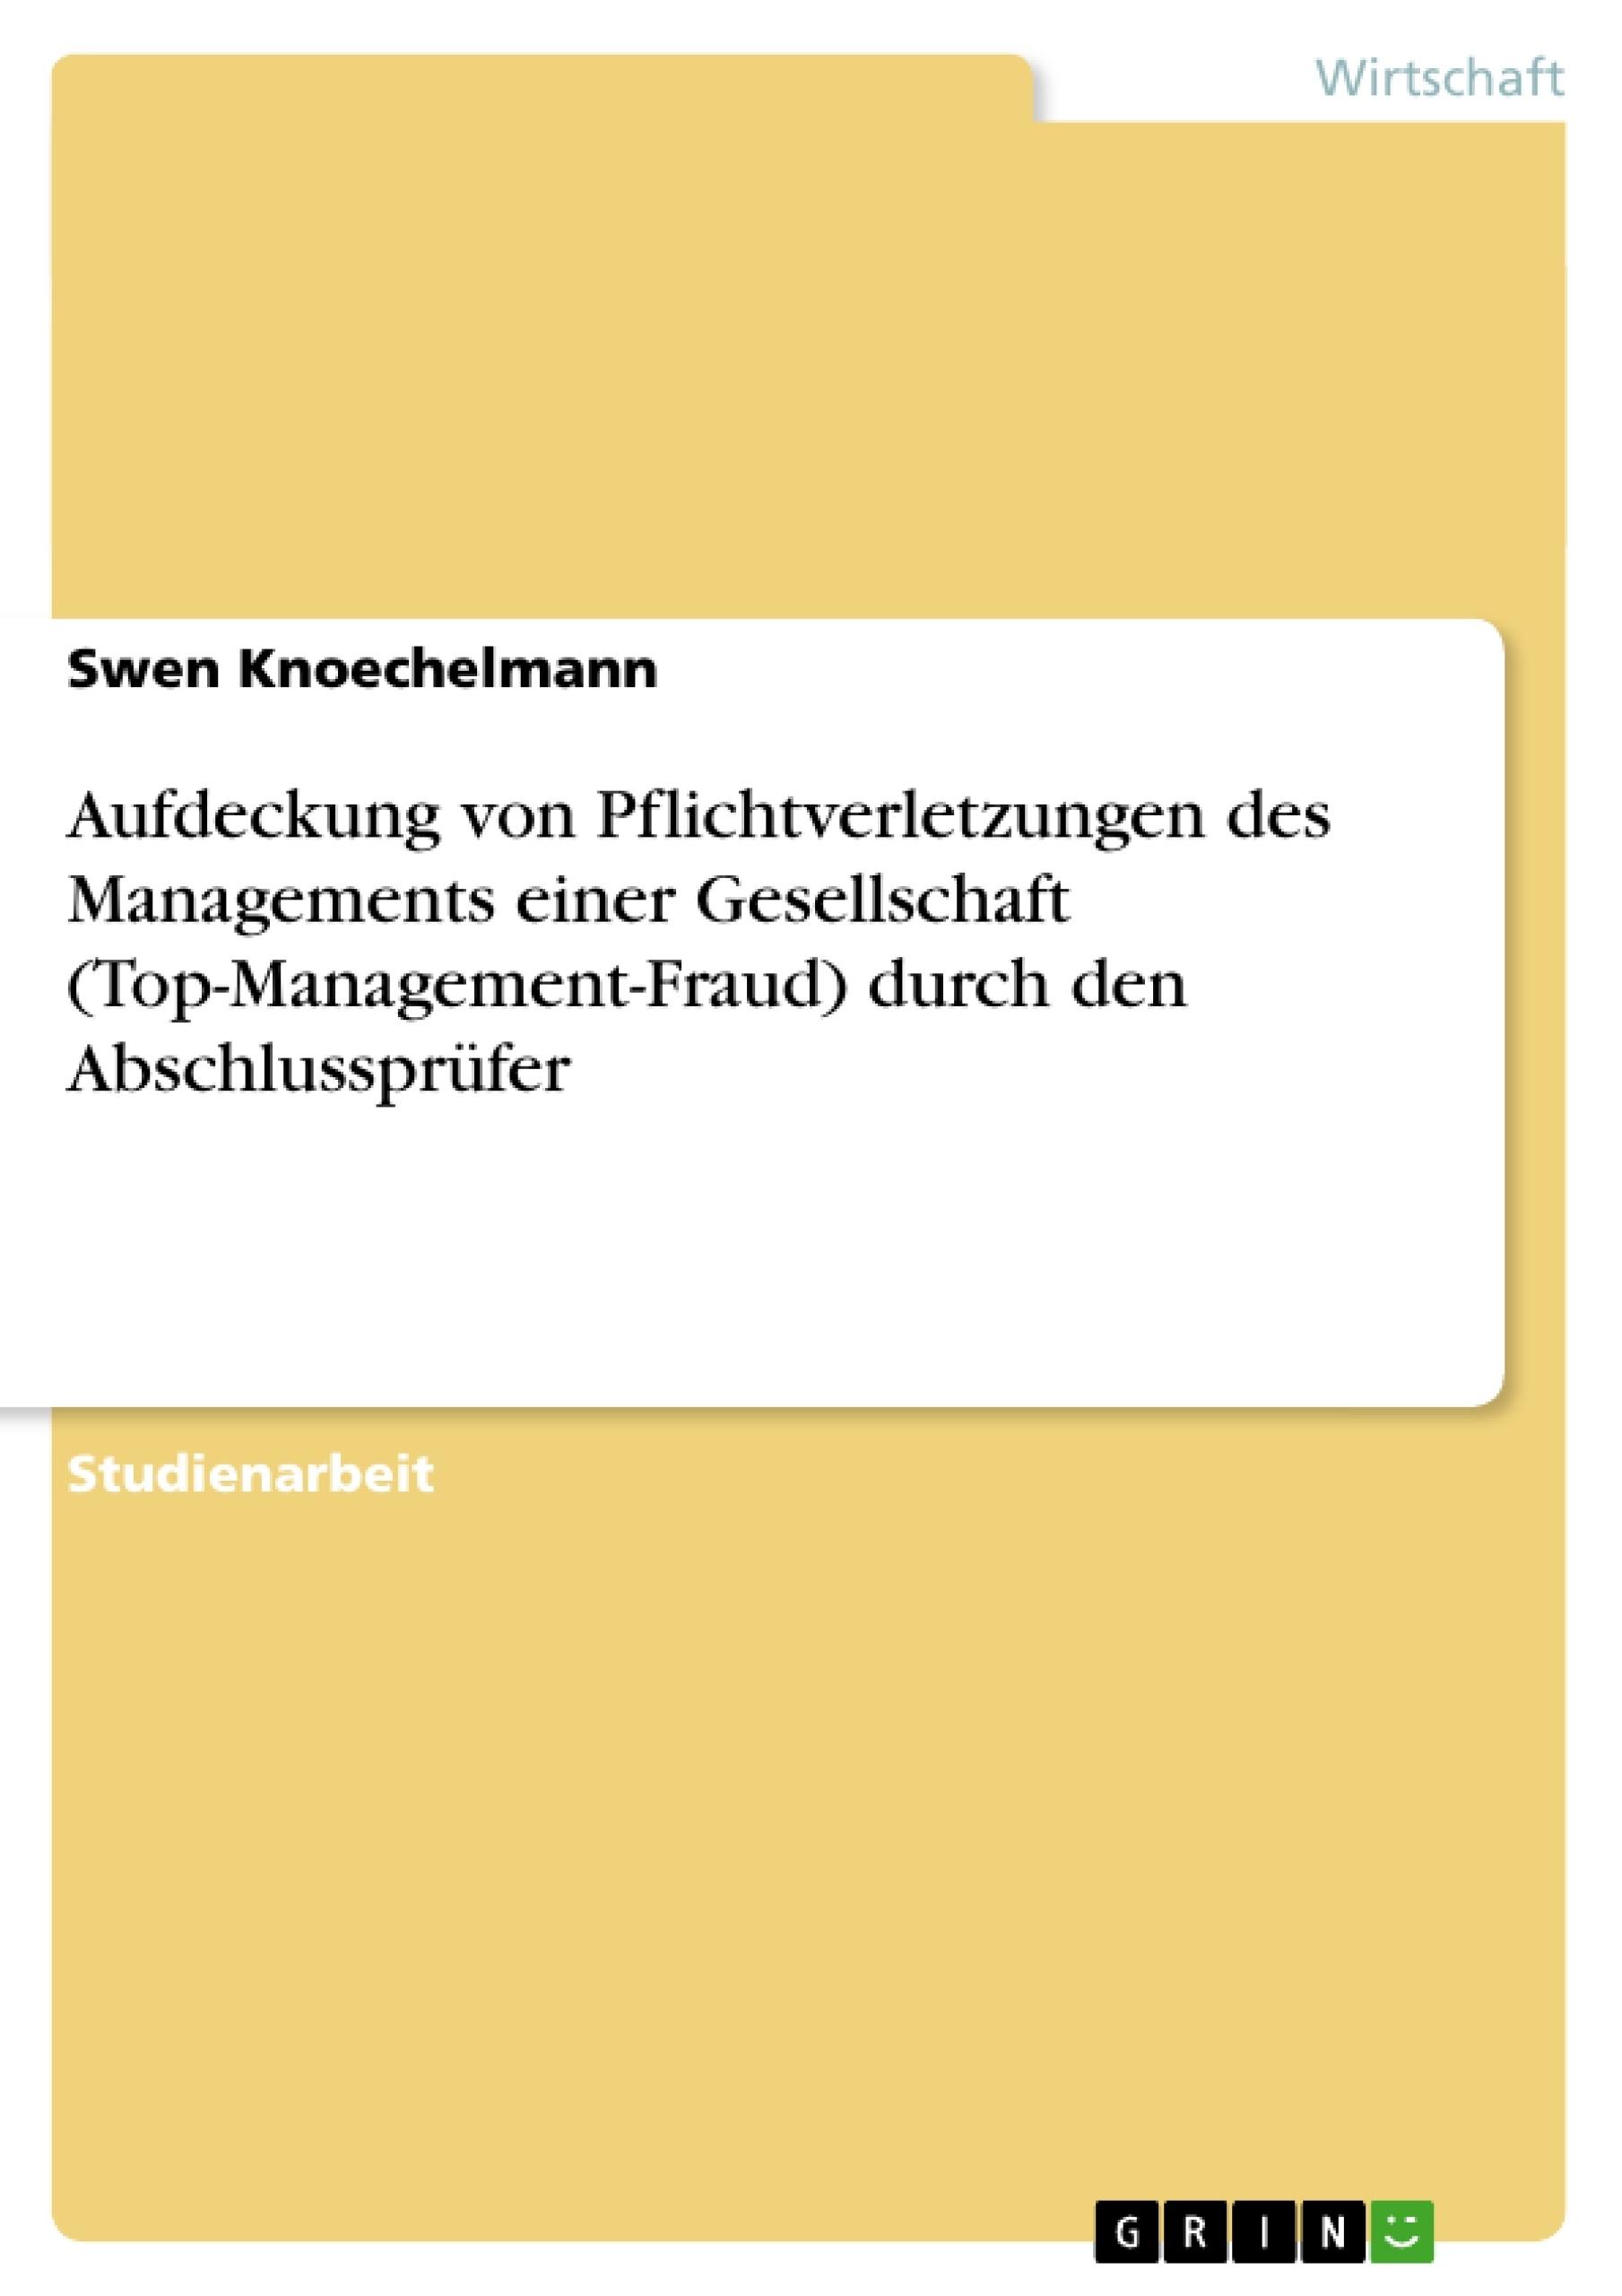 Titel: Aufdeckung von Pflichtverletzungen des Managements einer Gesellschaft (Top-Management-Fraud) durch den Abschlussprüfer